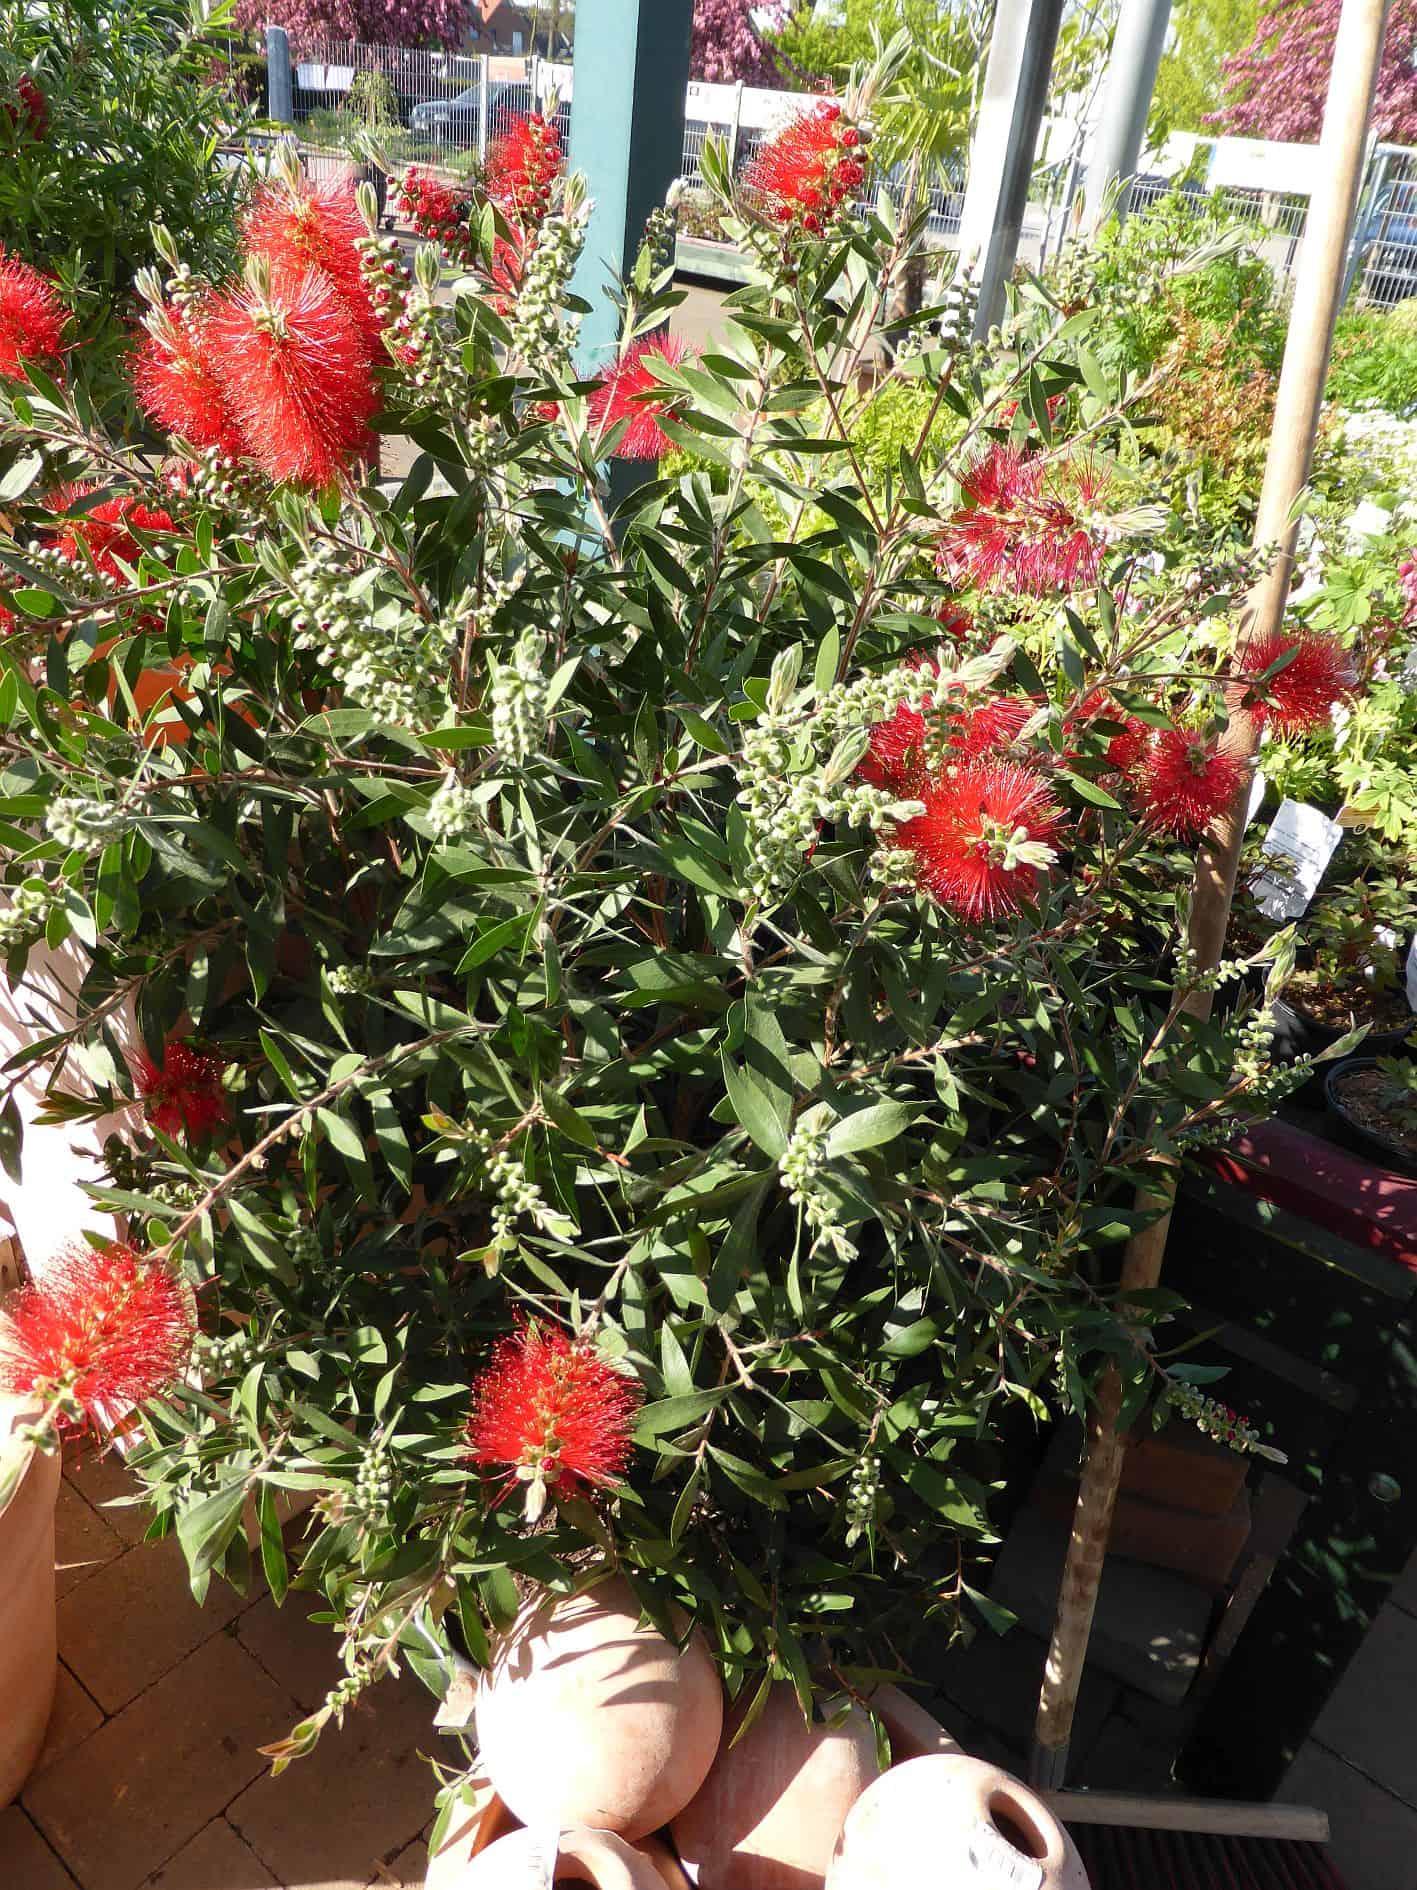 exotische k belpflanzen f r den eigenen balkon oder die terrasse nachgeharkt. Black Bedroom Furniture Sets. Home Design Ideas